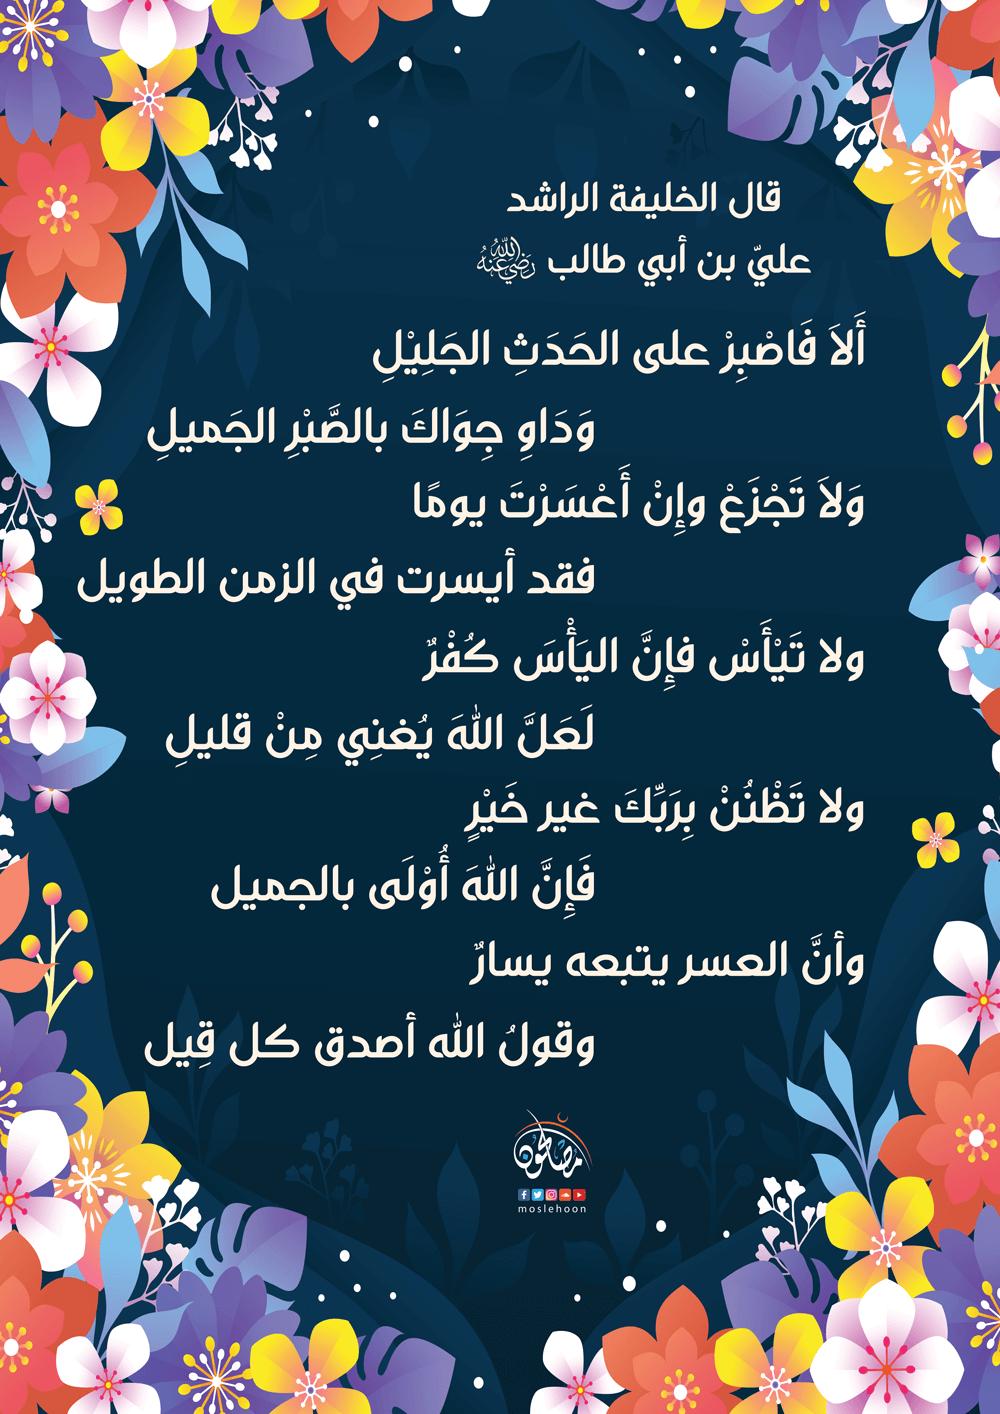 من الحكمة في شعر علي بن أبي طالب رضي الله عنه